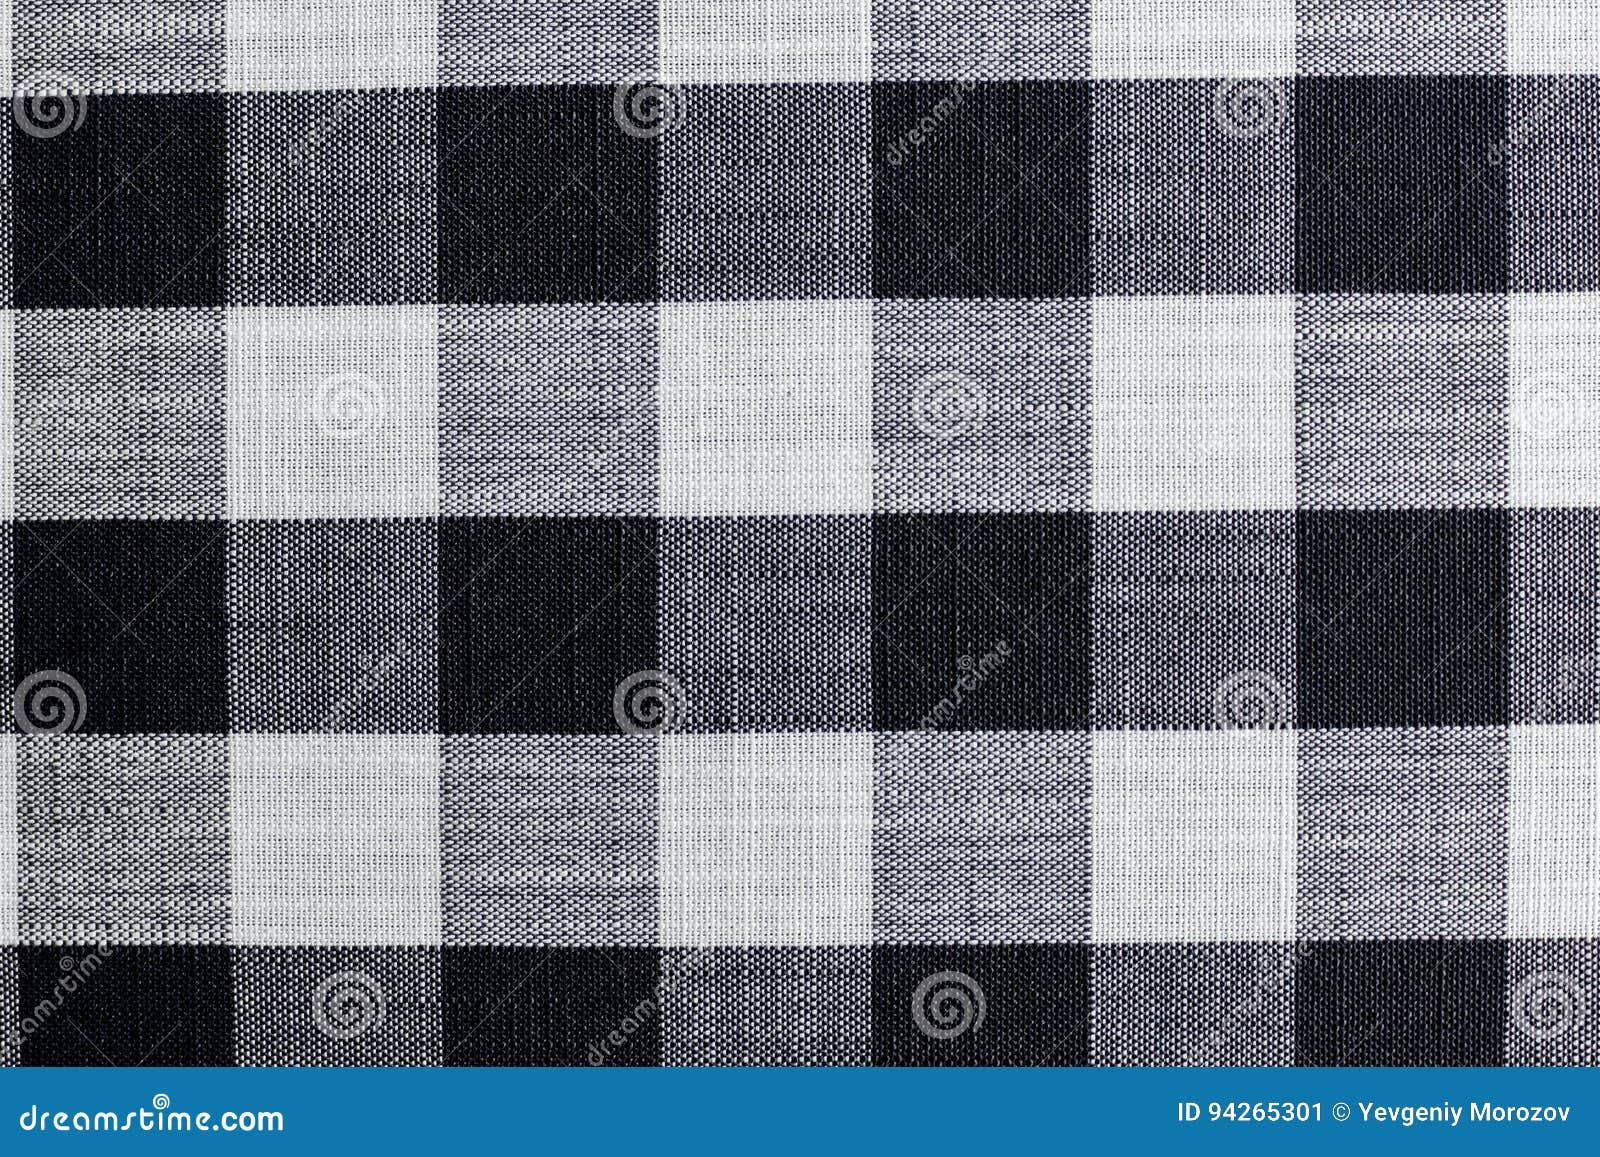 Текстура ткани в клетке стоковое изображение. изображение ...